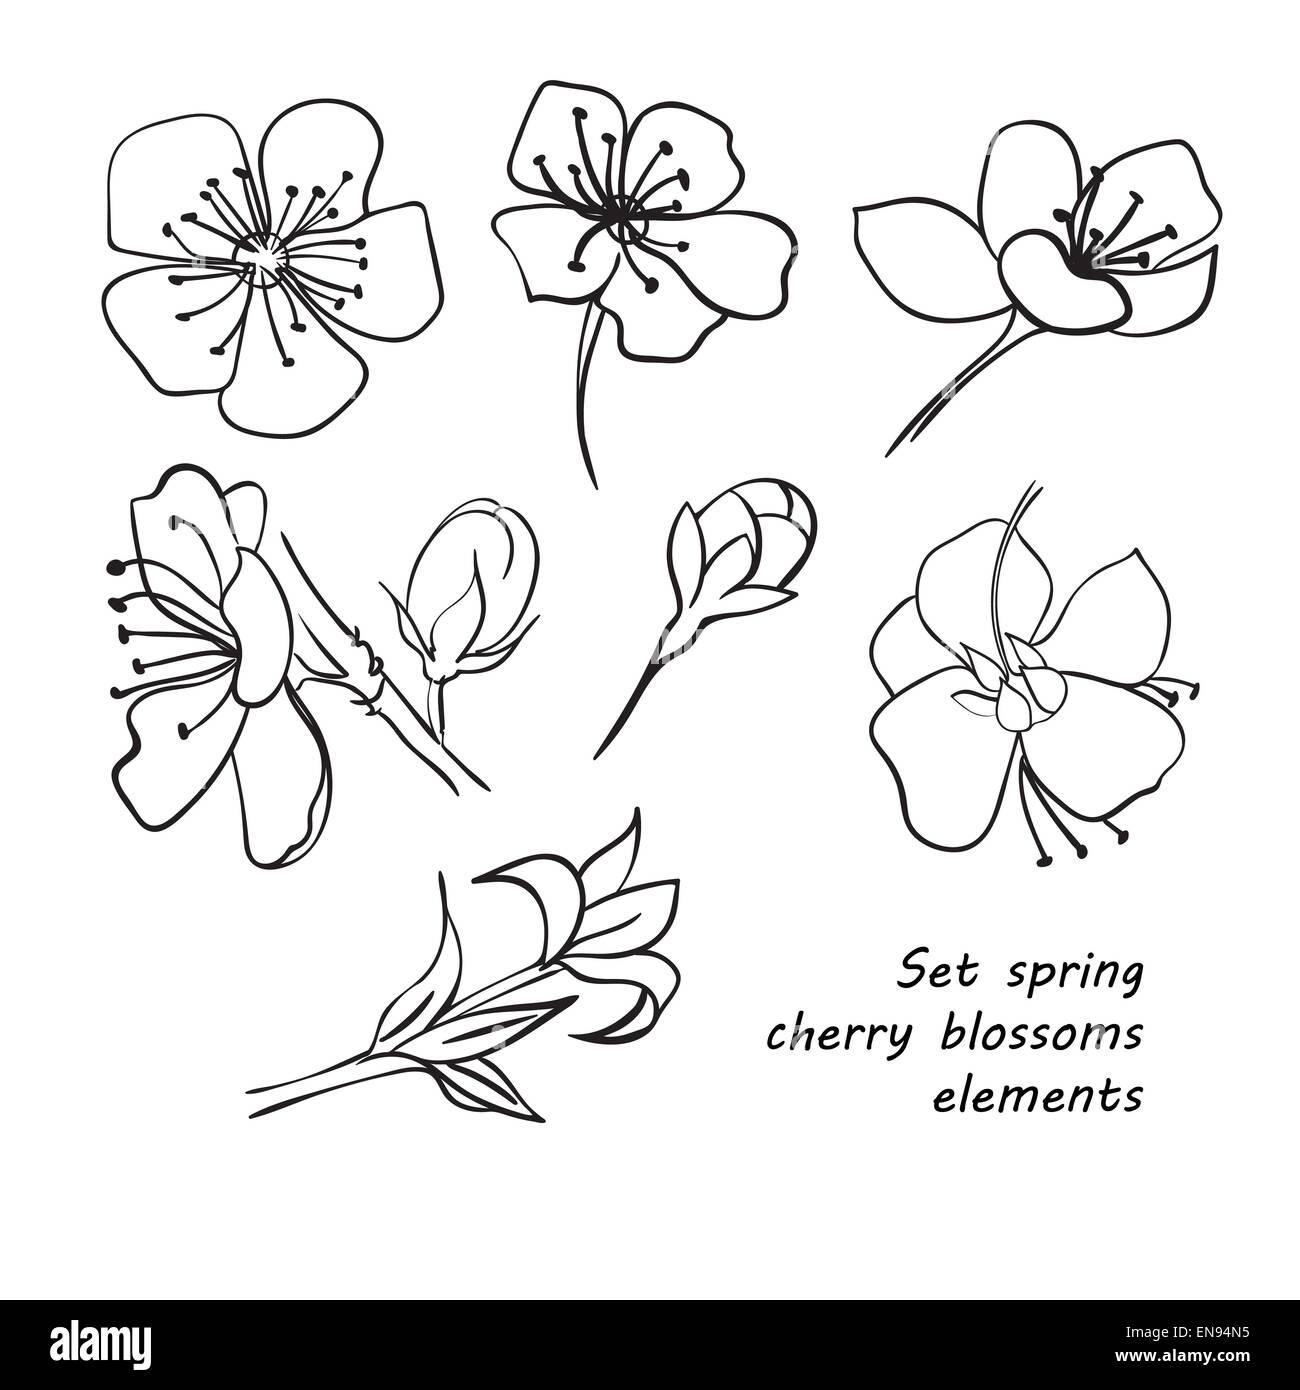 Jeu De Fleur De Cerisier Fleurs Dessin à La Main Noir Et